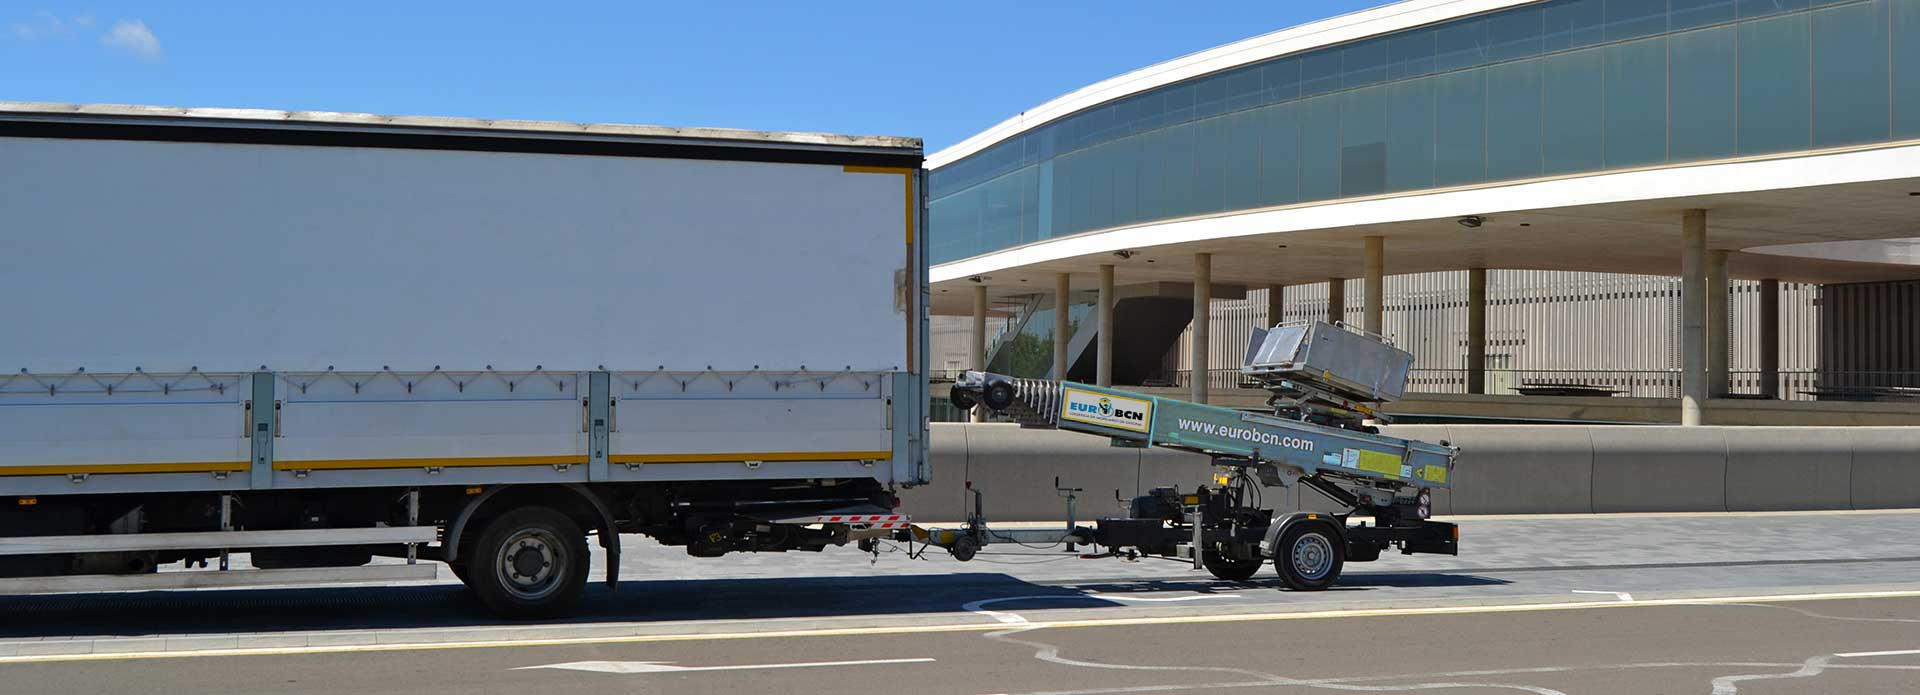 eurobcn_camion_elevador_slide_inicio